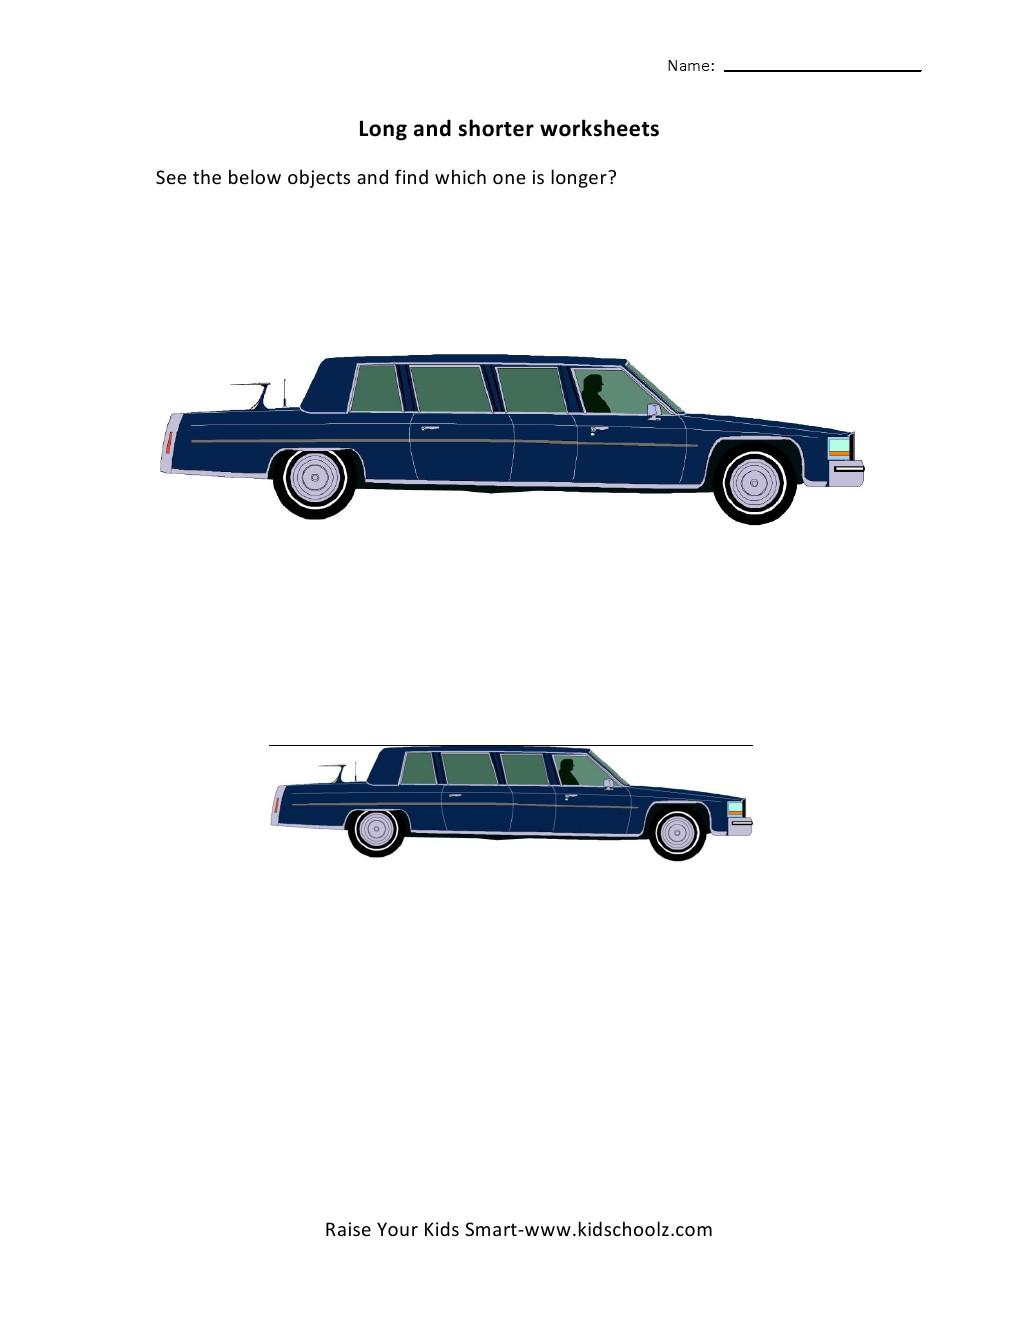 Free Worksheets body fat worksheet : UKG-Long and Short Worksheets u2013 Car - Kidschoolz